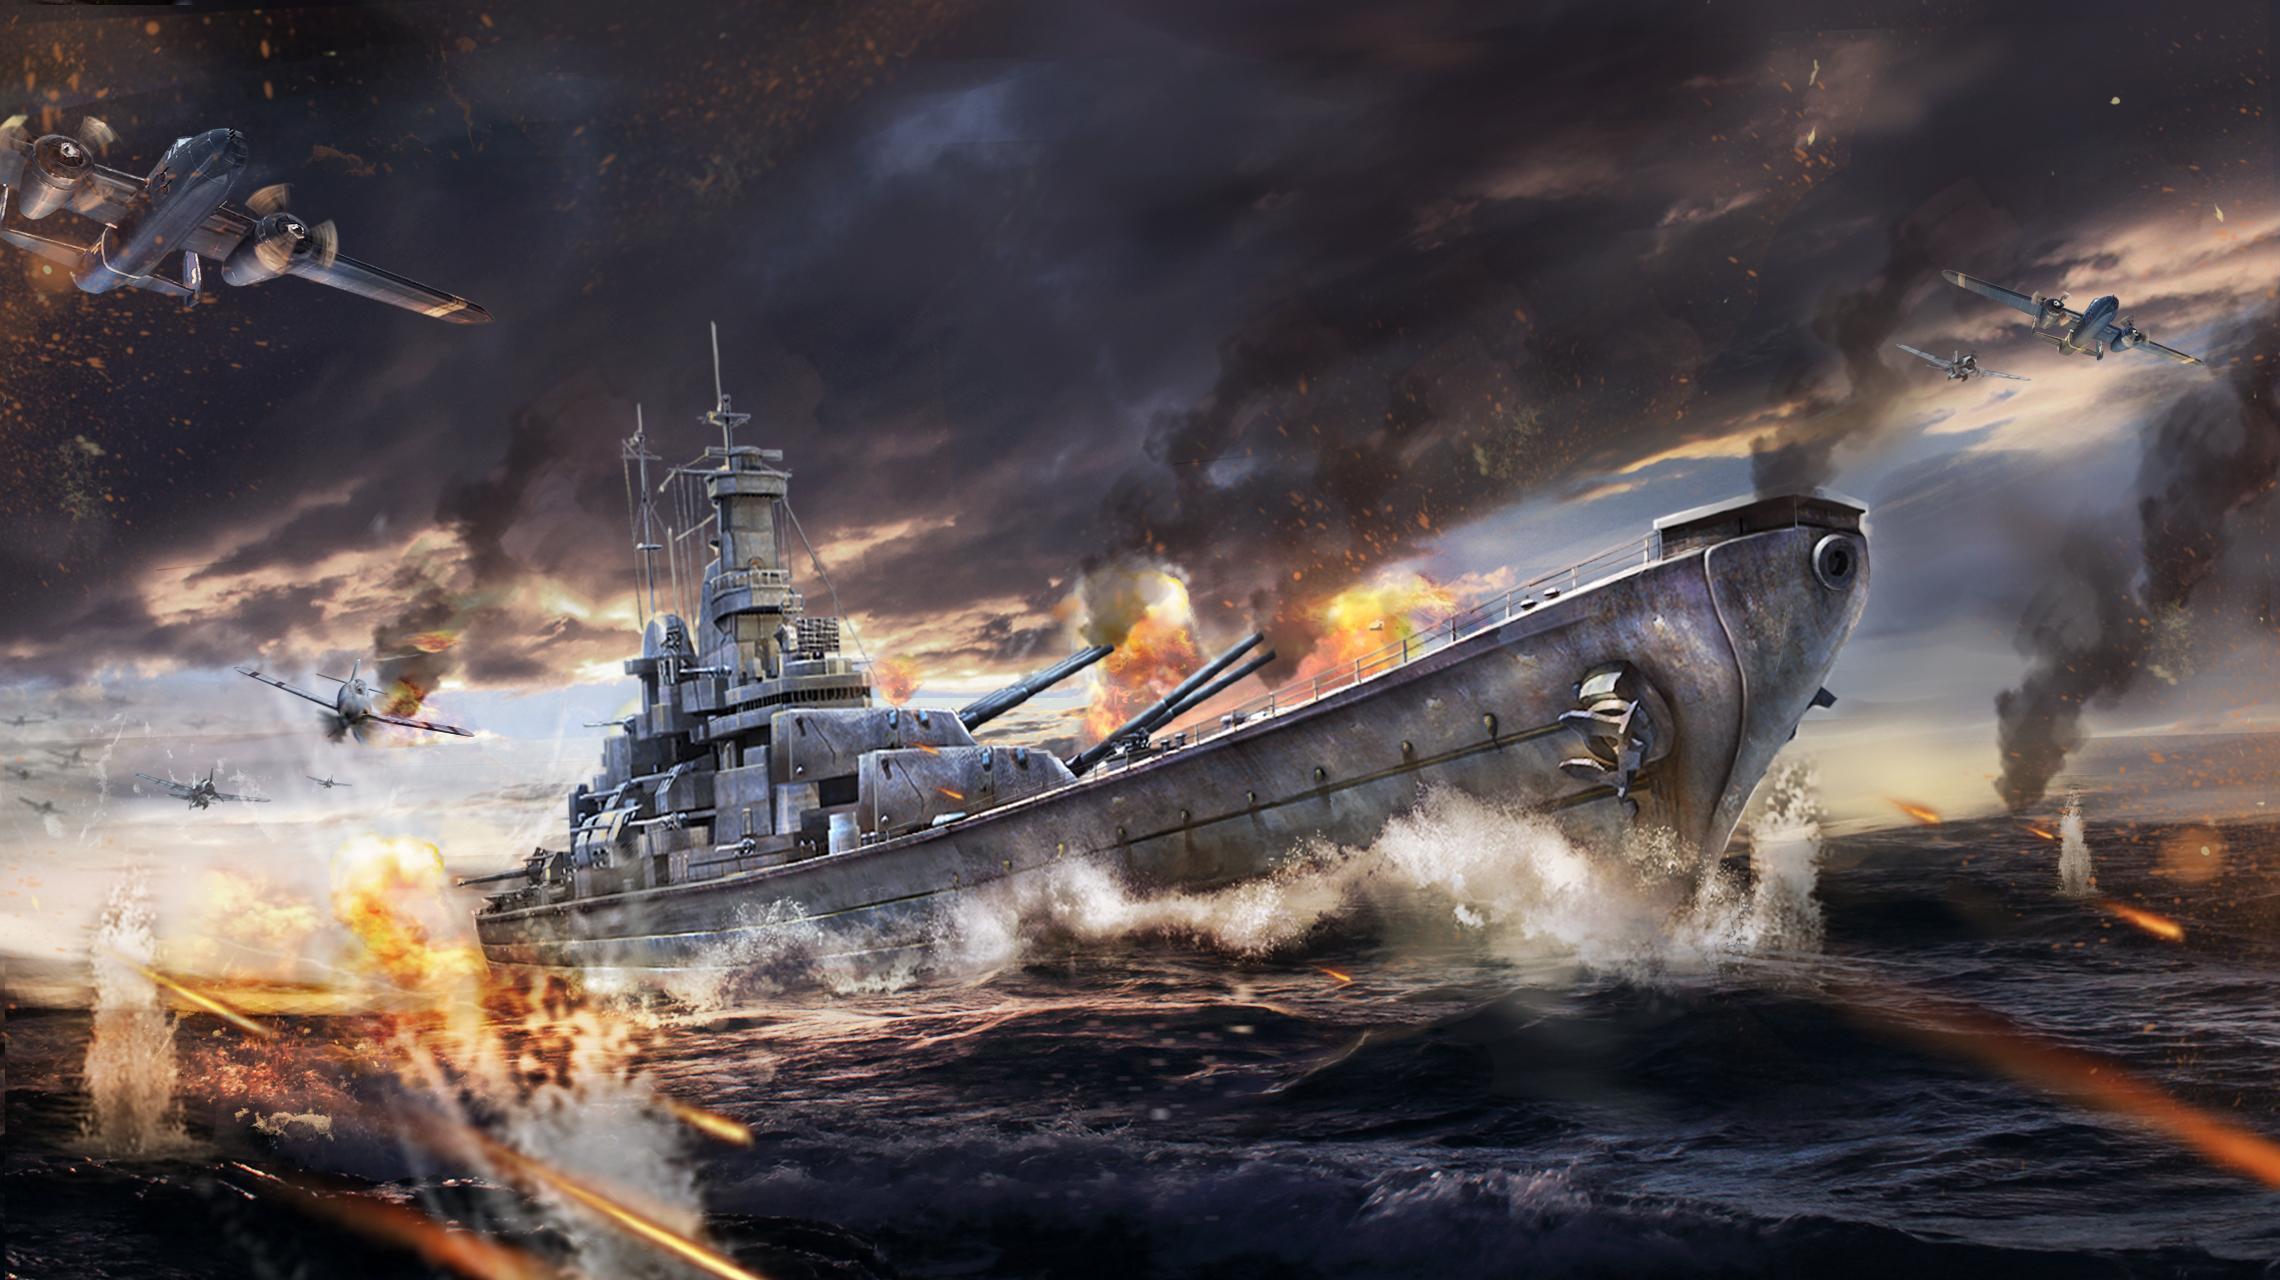 战列舰主炮威力有多大?看这三个因素你就明白了